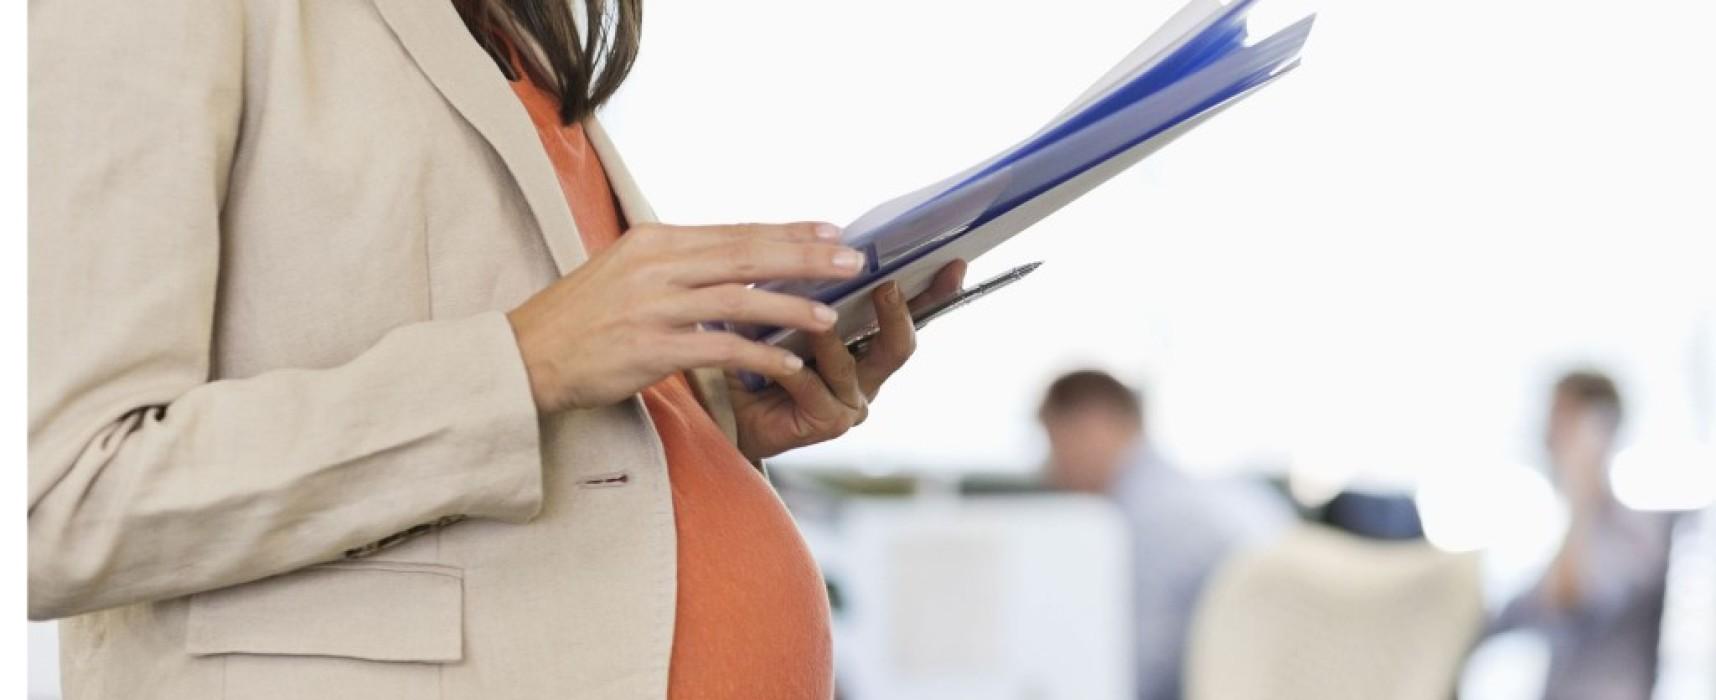 Можно ли получить декретный отпуск, если предприятие ликвидировано?